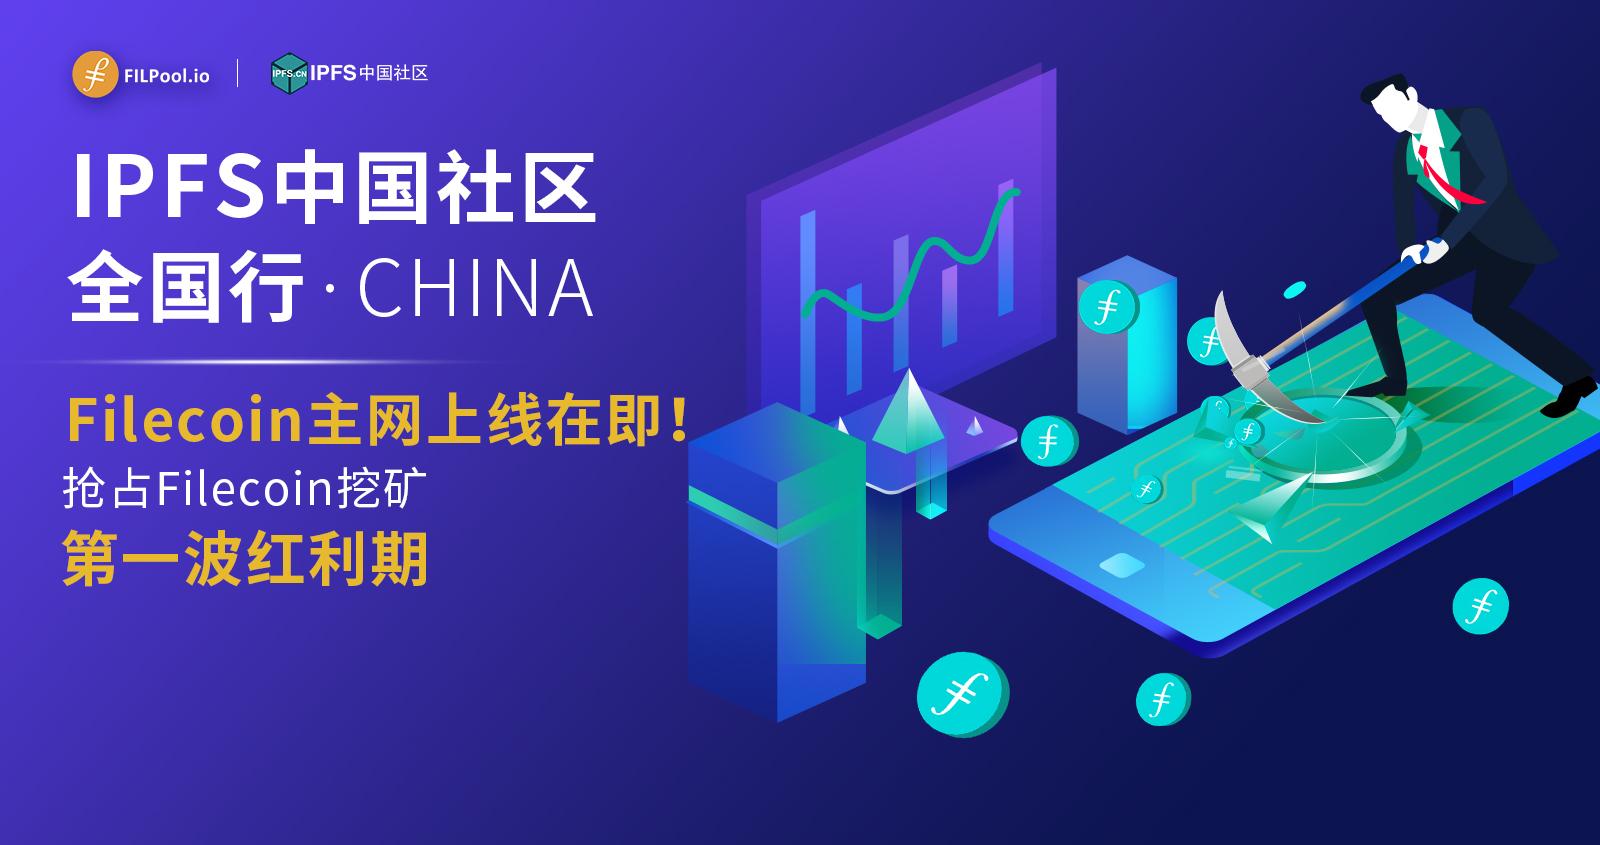 【活动报名】IPFS中国社区全国行·长沙站·重庆站·西安站·北京站